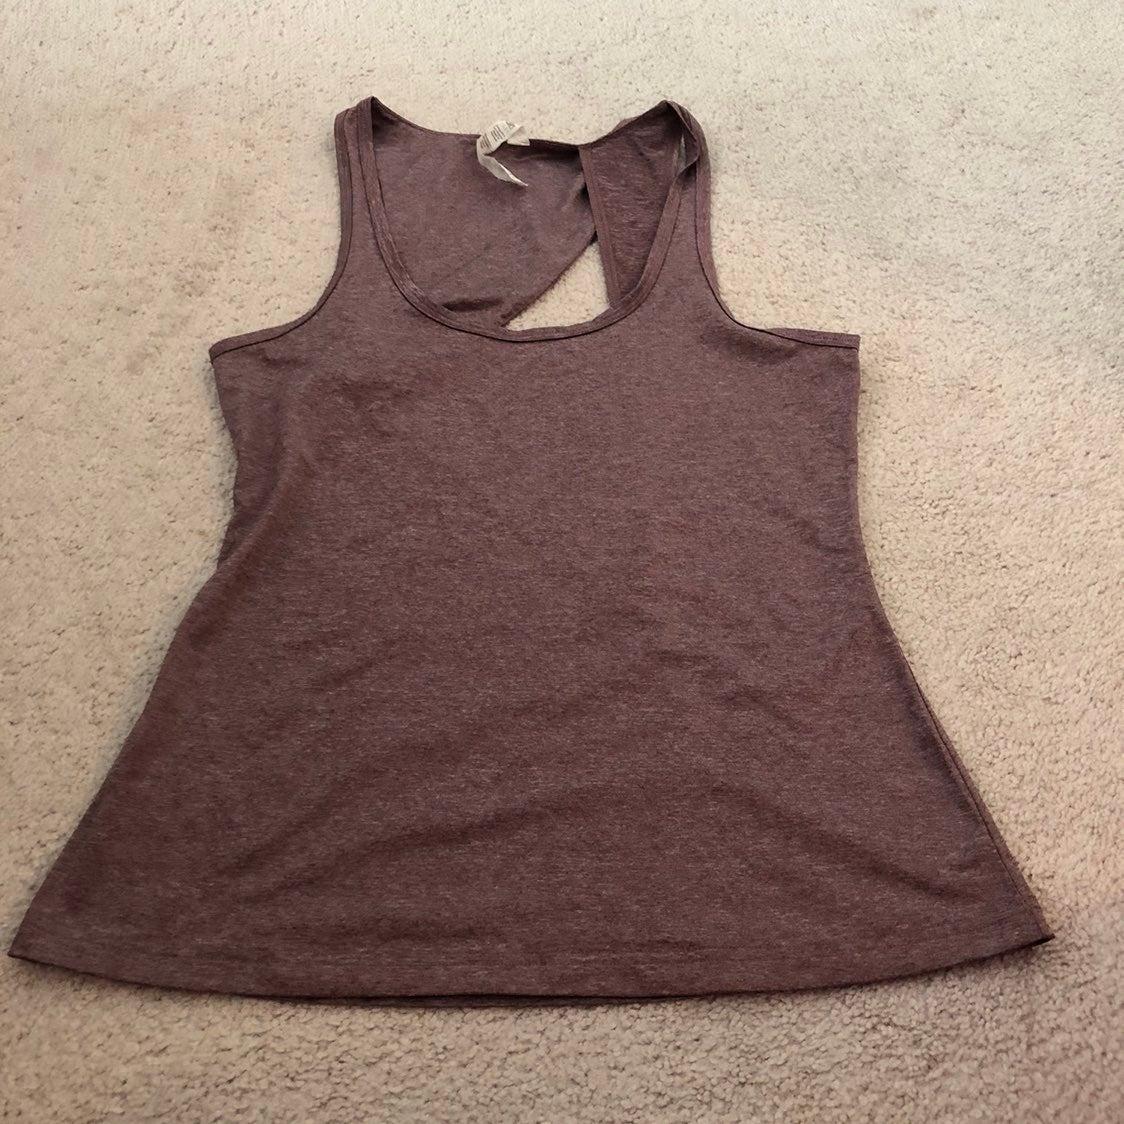 Alo yoga open back tank top